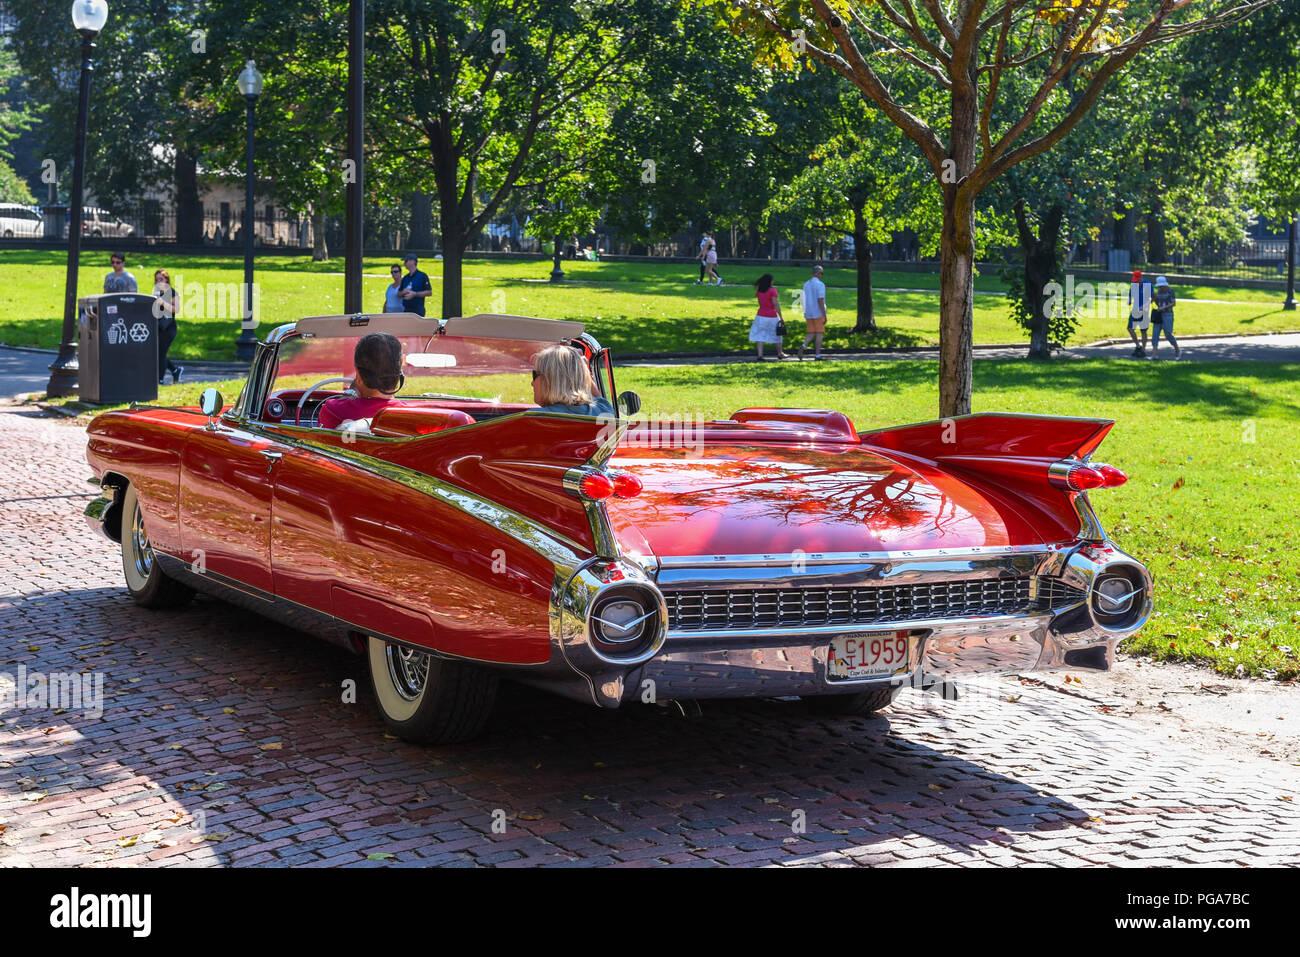 1959 Cadillac Eldorado Convertible Being Driven Through Boston